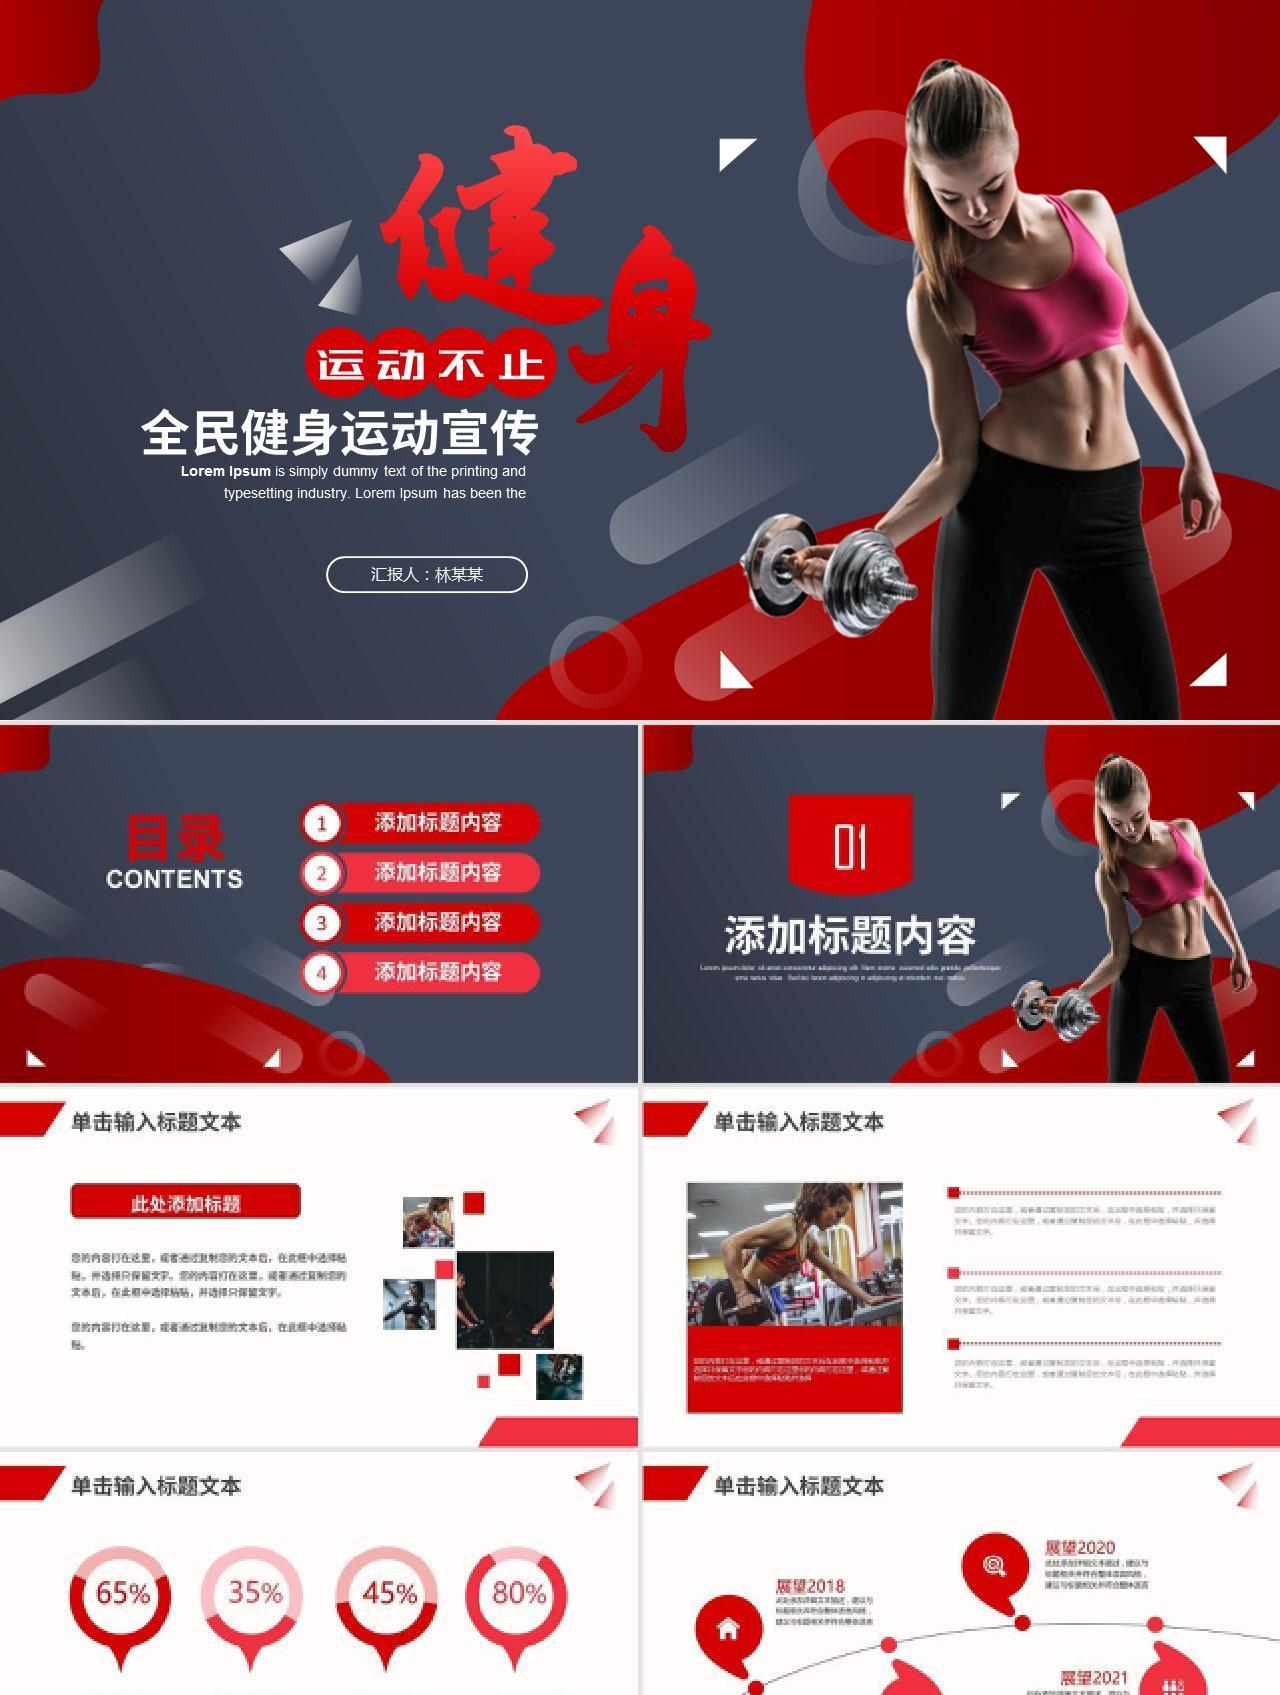 红色商务风健身运动展示PPT模板